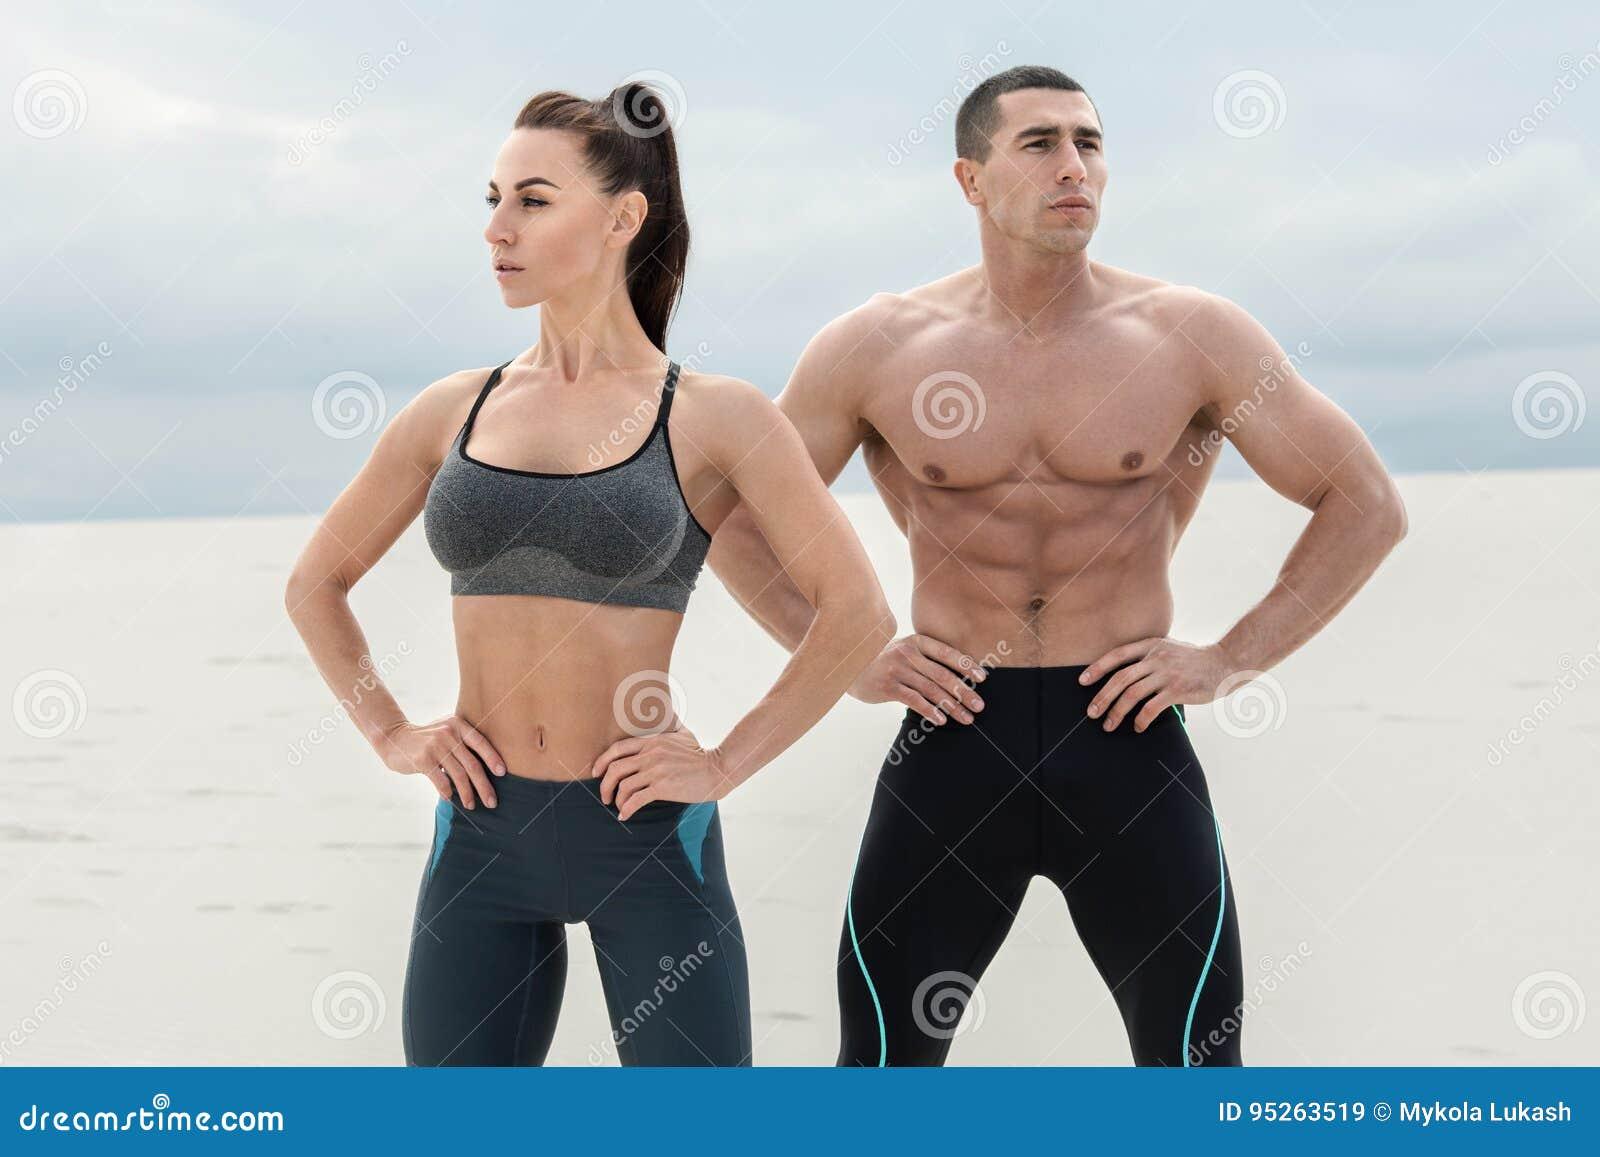 Sportig muskel för konditionparvisning utomhus Härlig idrotts- man och kvinna, muskulös torsoabs